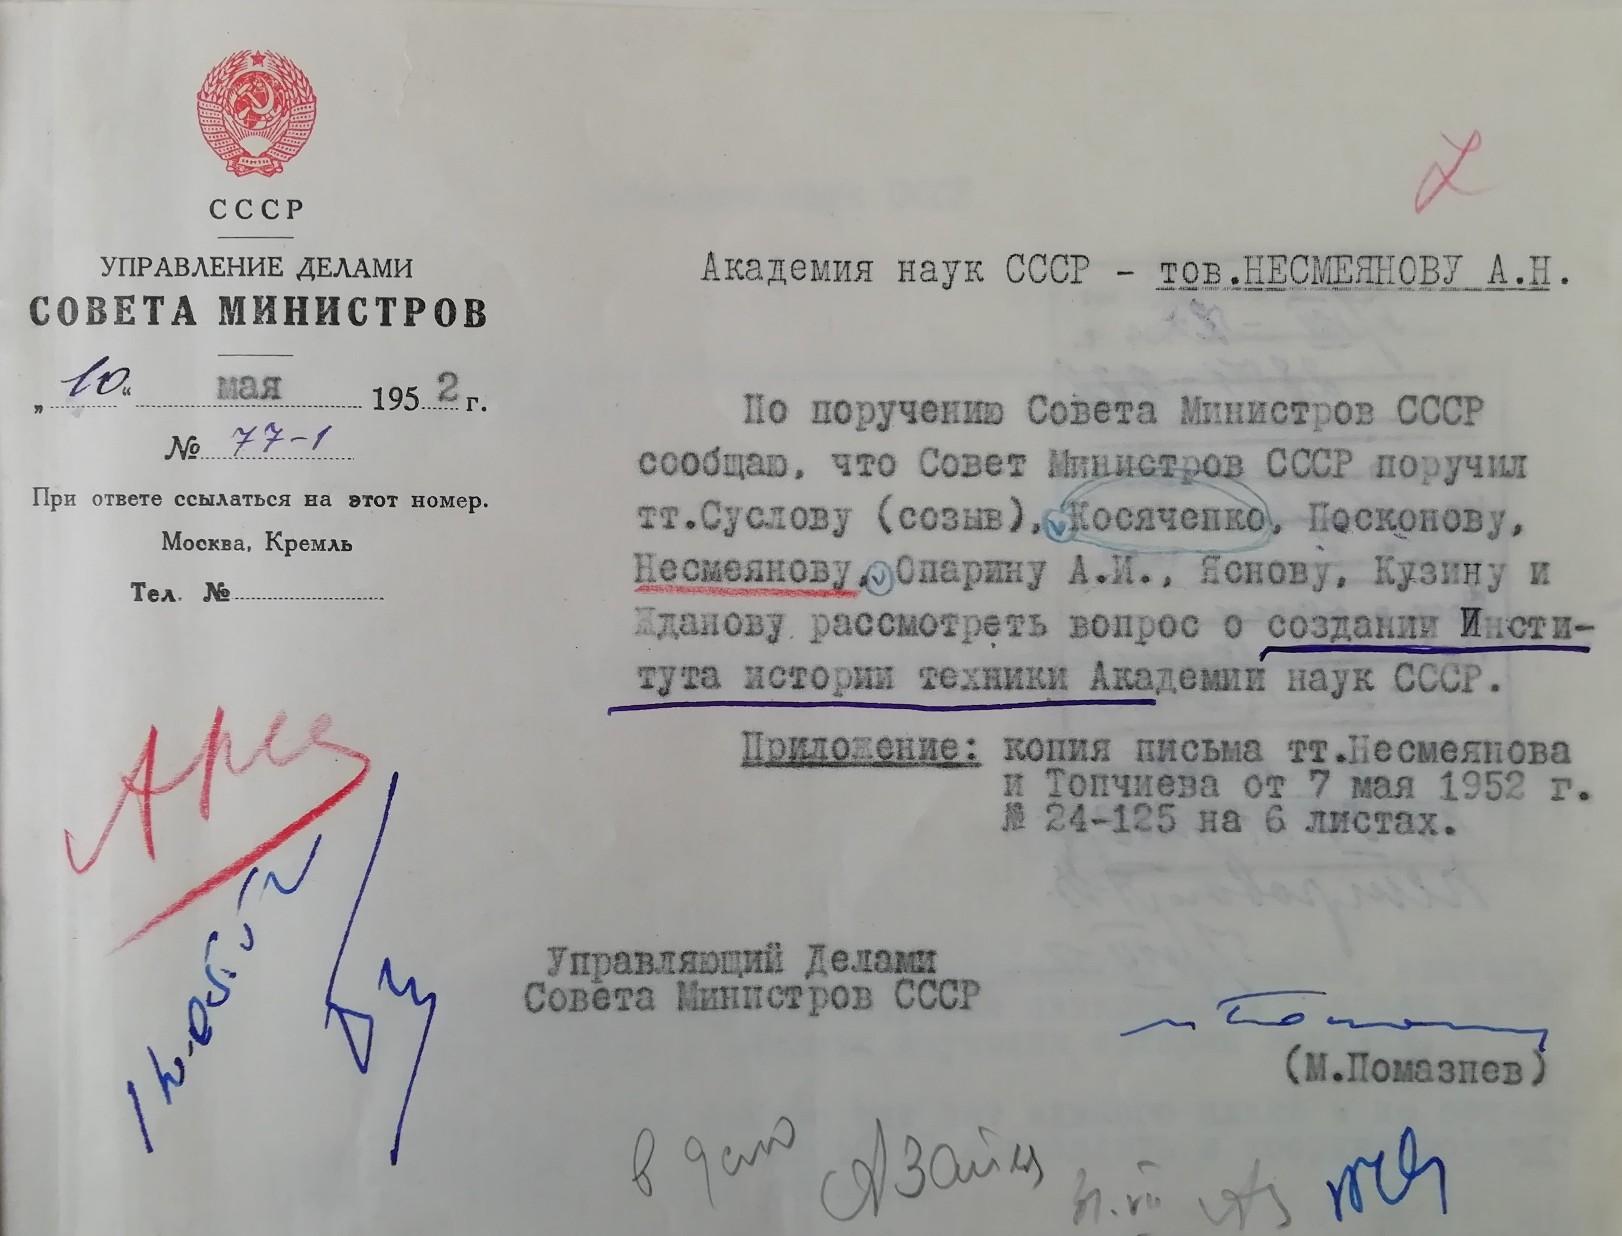 Записка управляющего делами СМ СССР, 10 мая 1952 г. (АРАН. Ф. 2. Оп. 1. Д. 26. Л. 7)